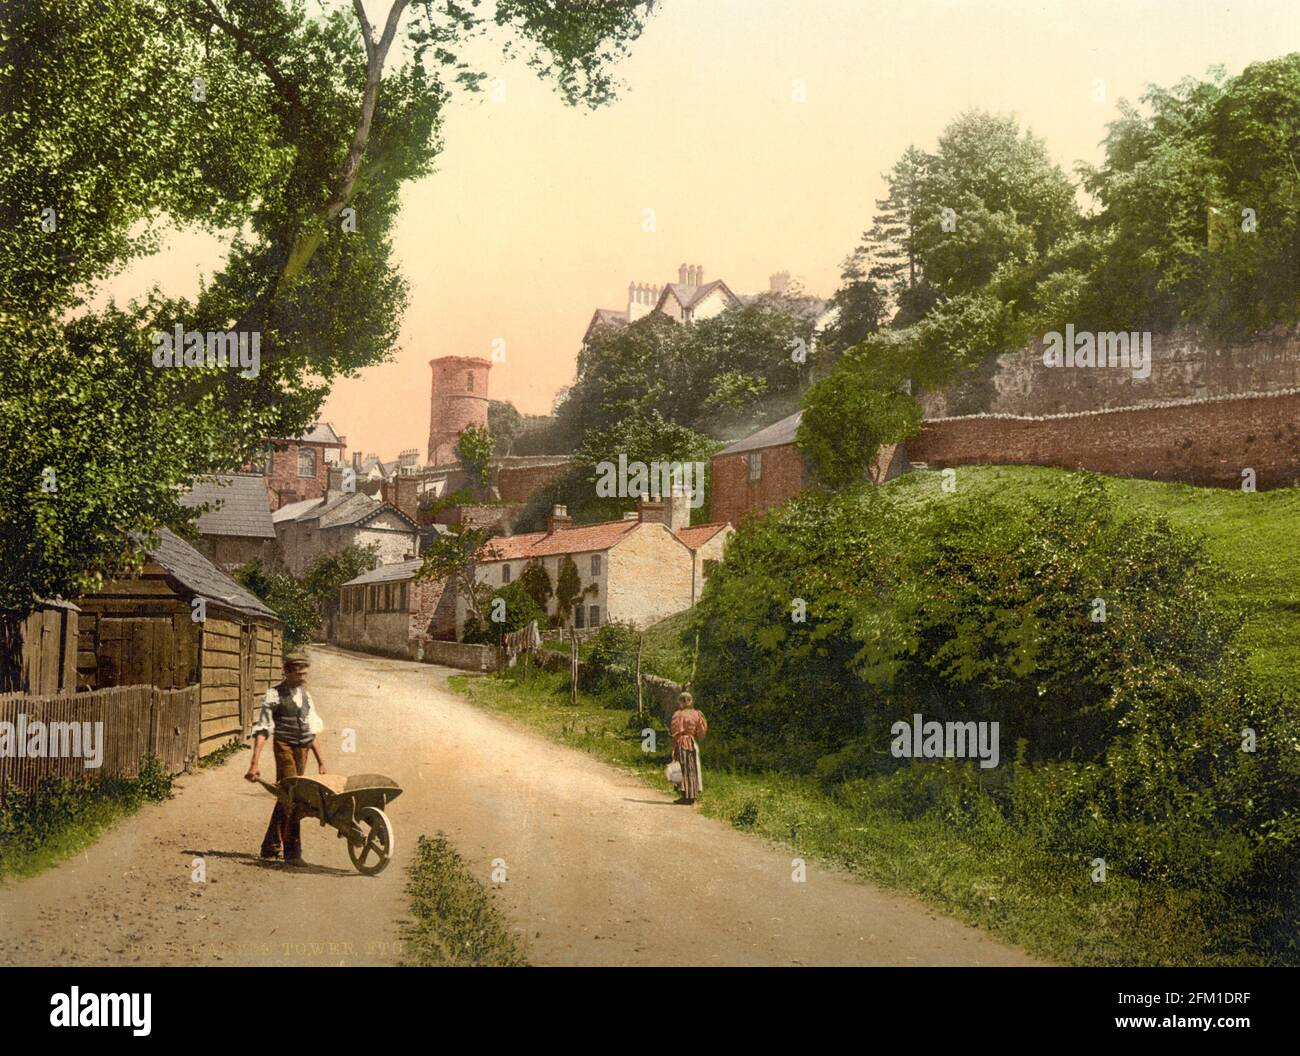 Une scène de rue de Ross-on-Wye dans le Herefordshire, vers 1890-1900 Banque D'Images